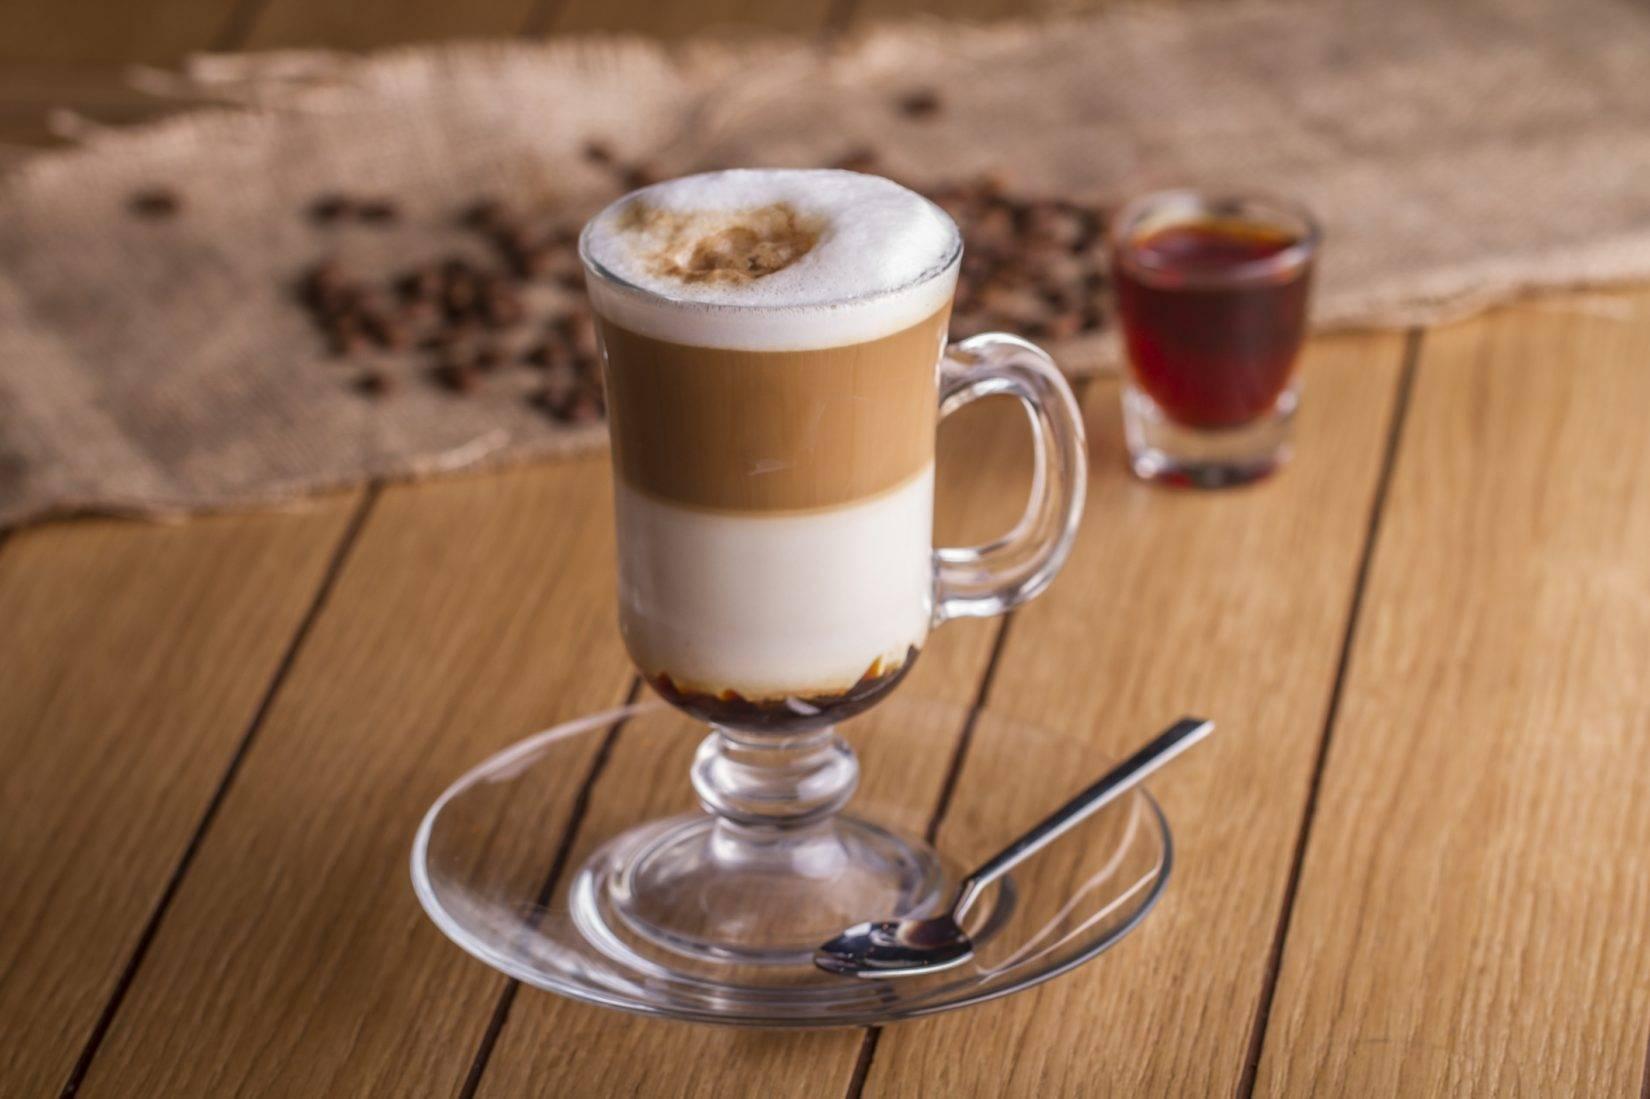 Рецепт кофейного коктейля - айриш кофе, он же ирландский кофе